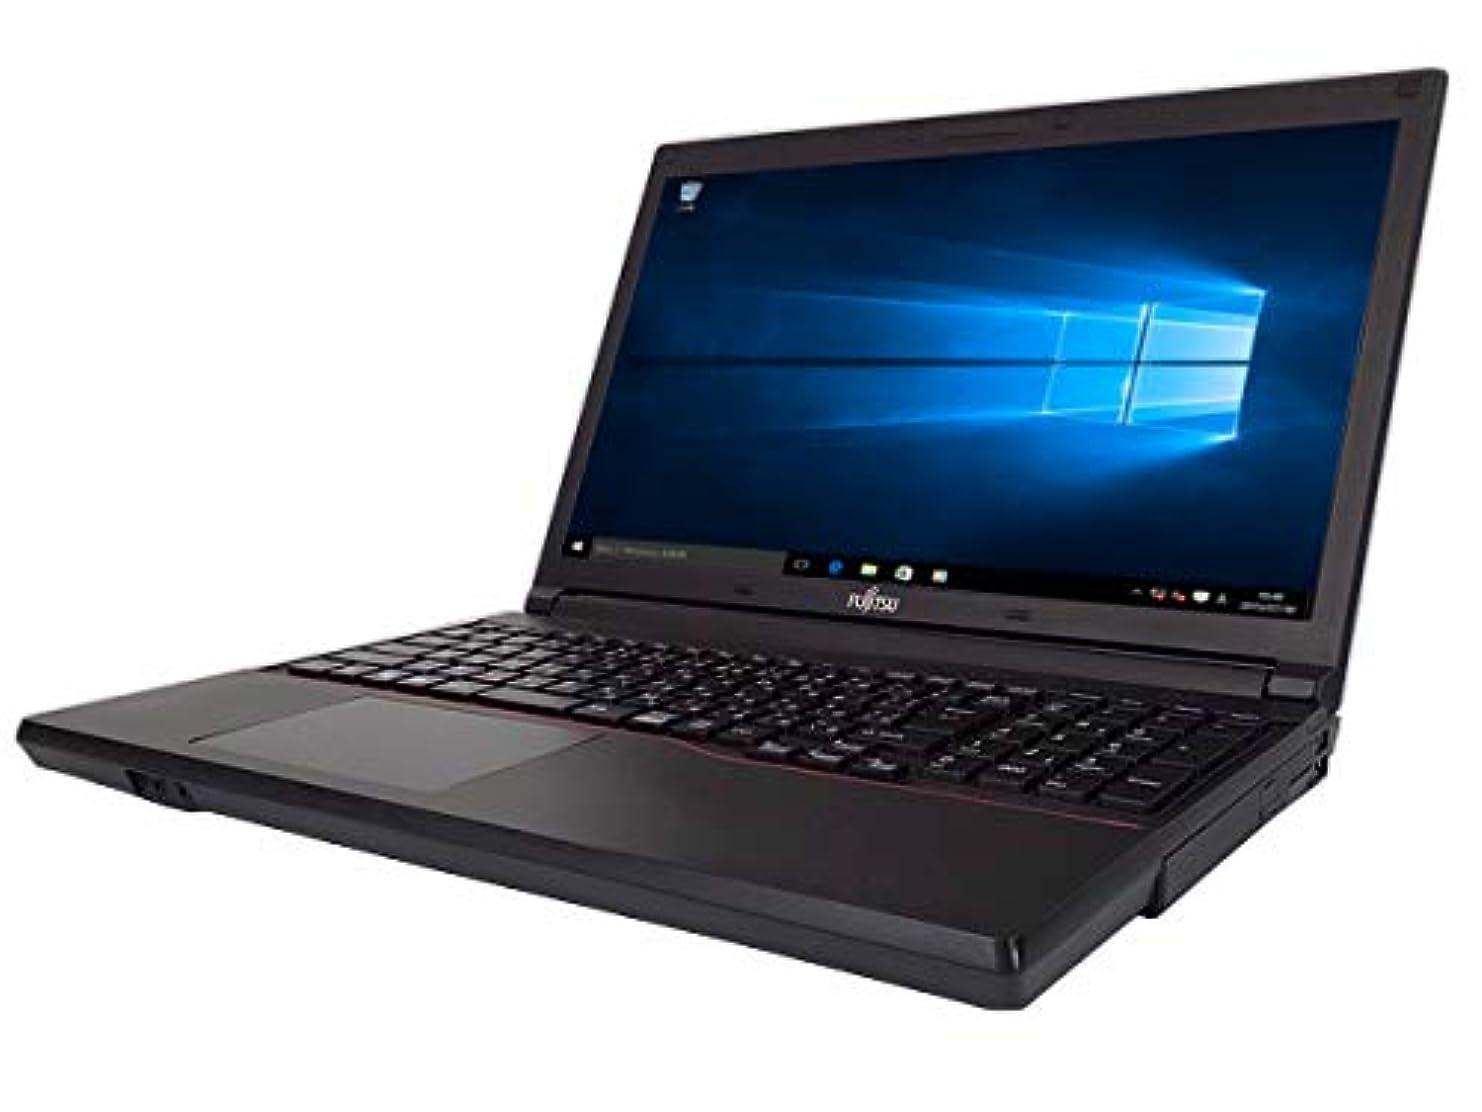 重荷目指す煩わしい中古パソコン 【Windows10】富士通 LIFEBOOK A574/HX (Core i5 4300M 2.6GHz / メモリ4GB / HDD500GB / DVDマルチ)【中古ノートパソコン】【中古パソコン販売パクス】